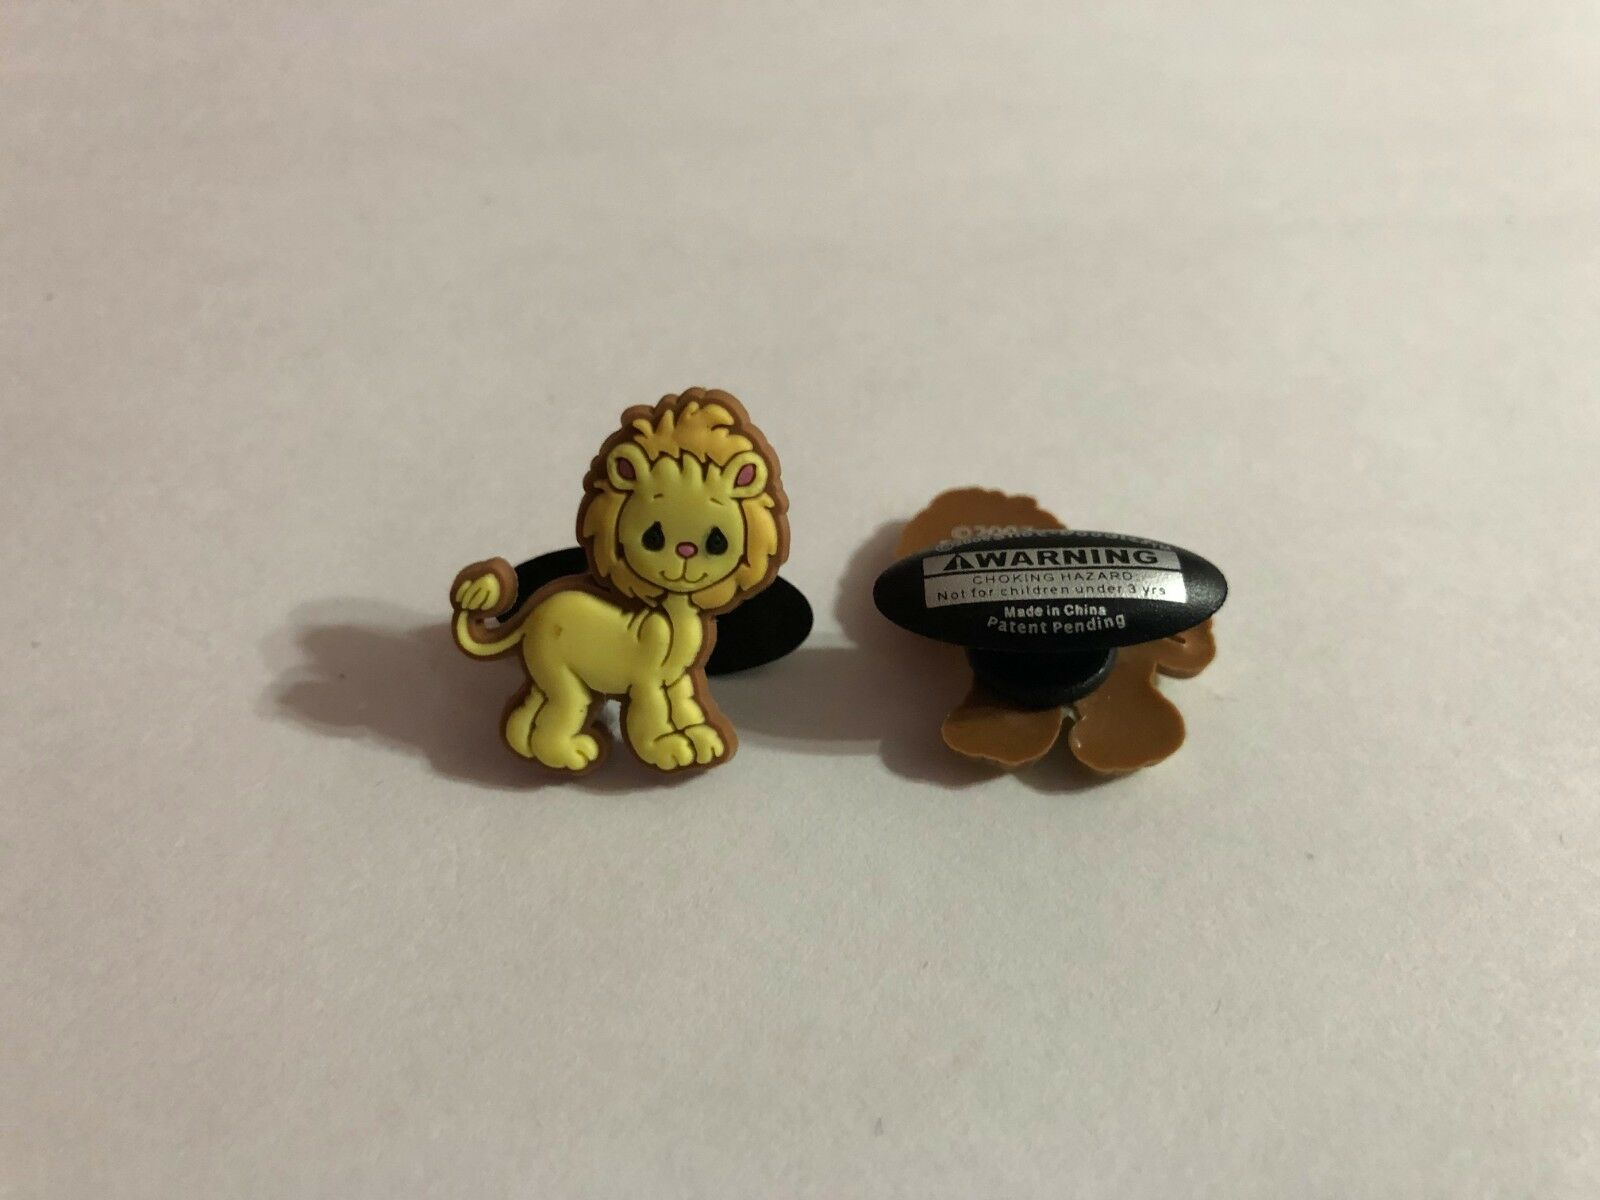 Lion Cub Shoe-Doodle goes in holes of Rubber Shoes or Crocs Shoe Charm PMI3002